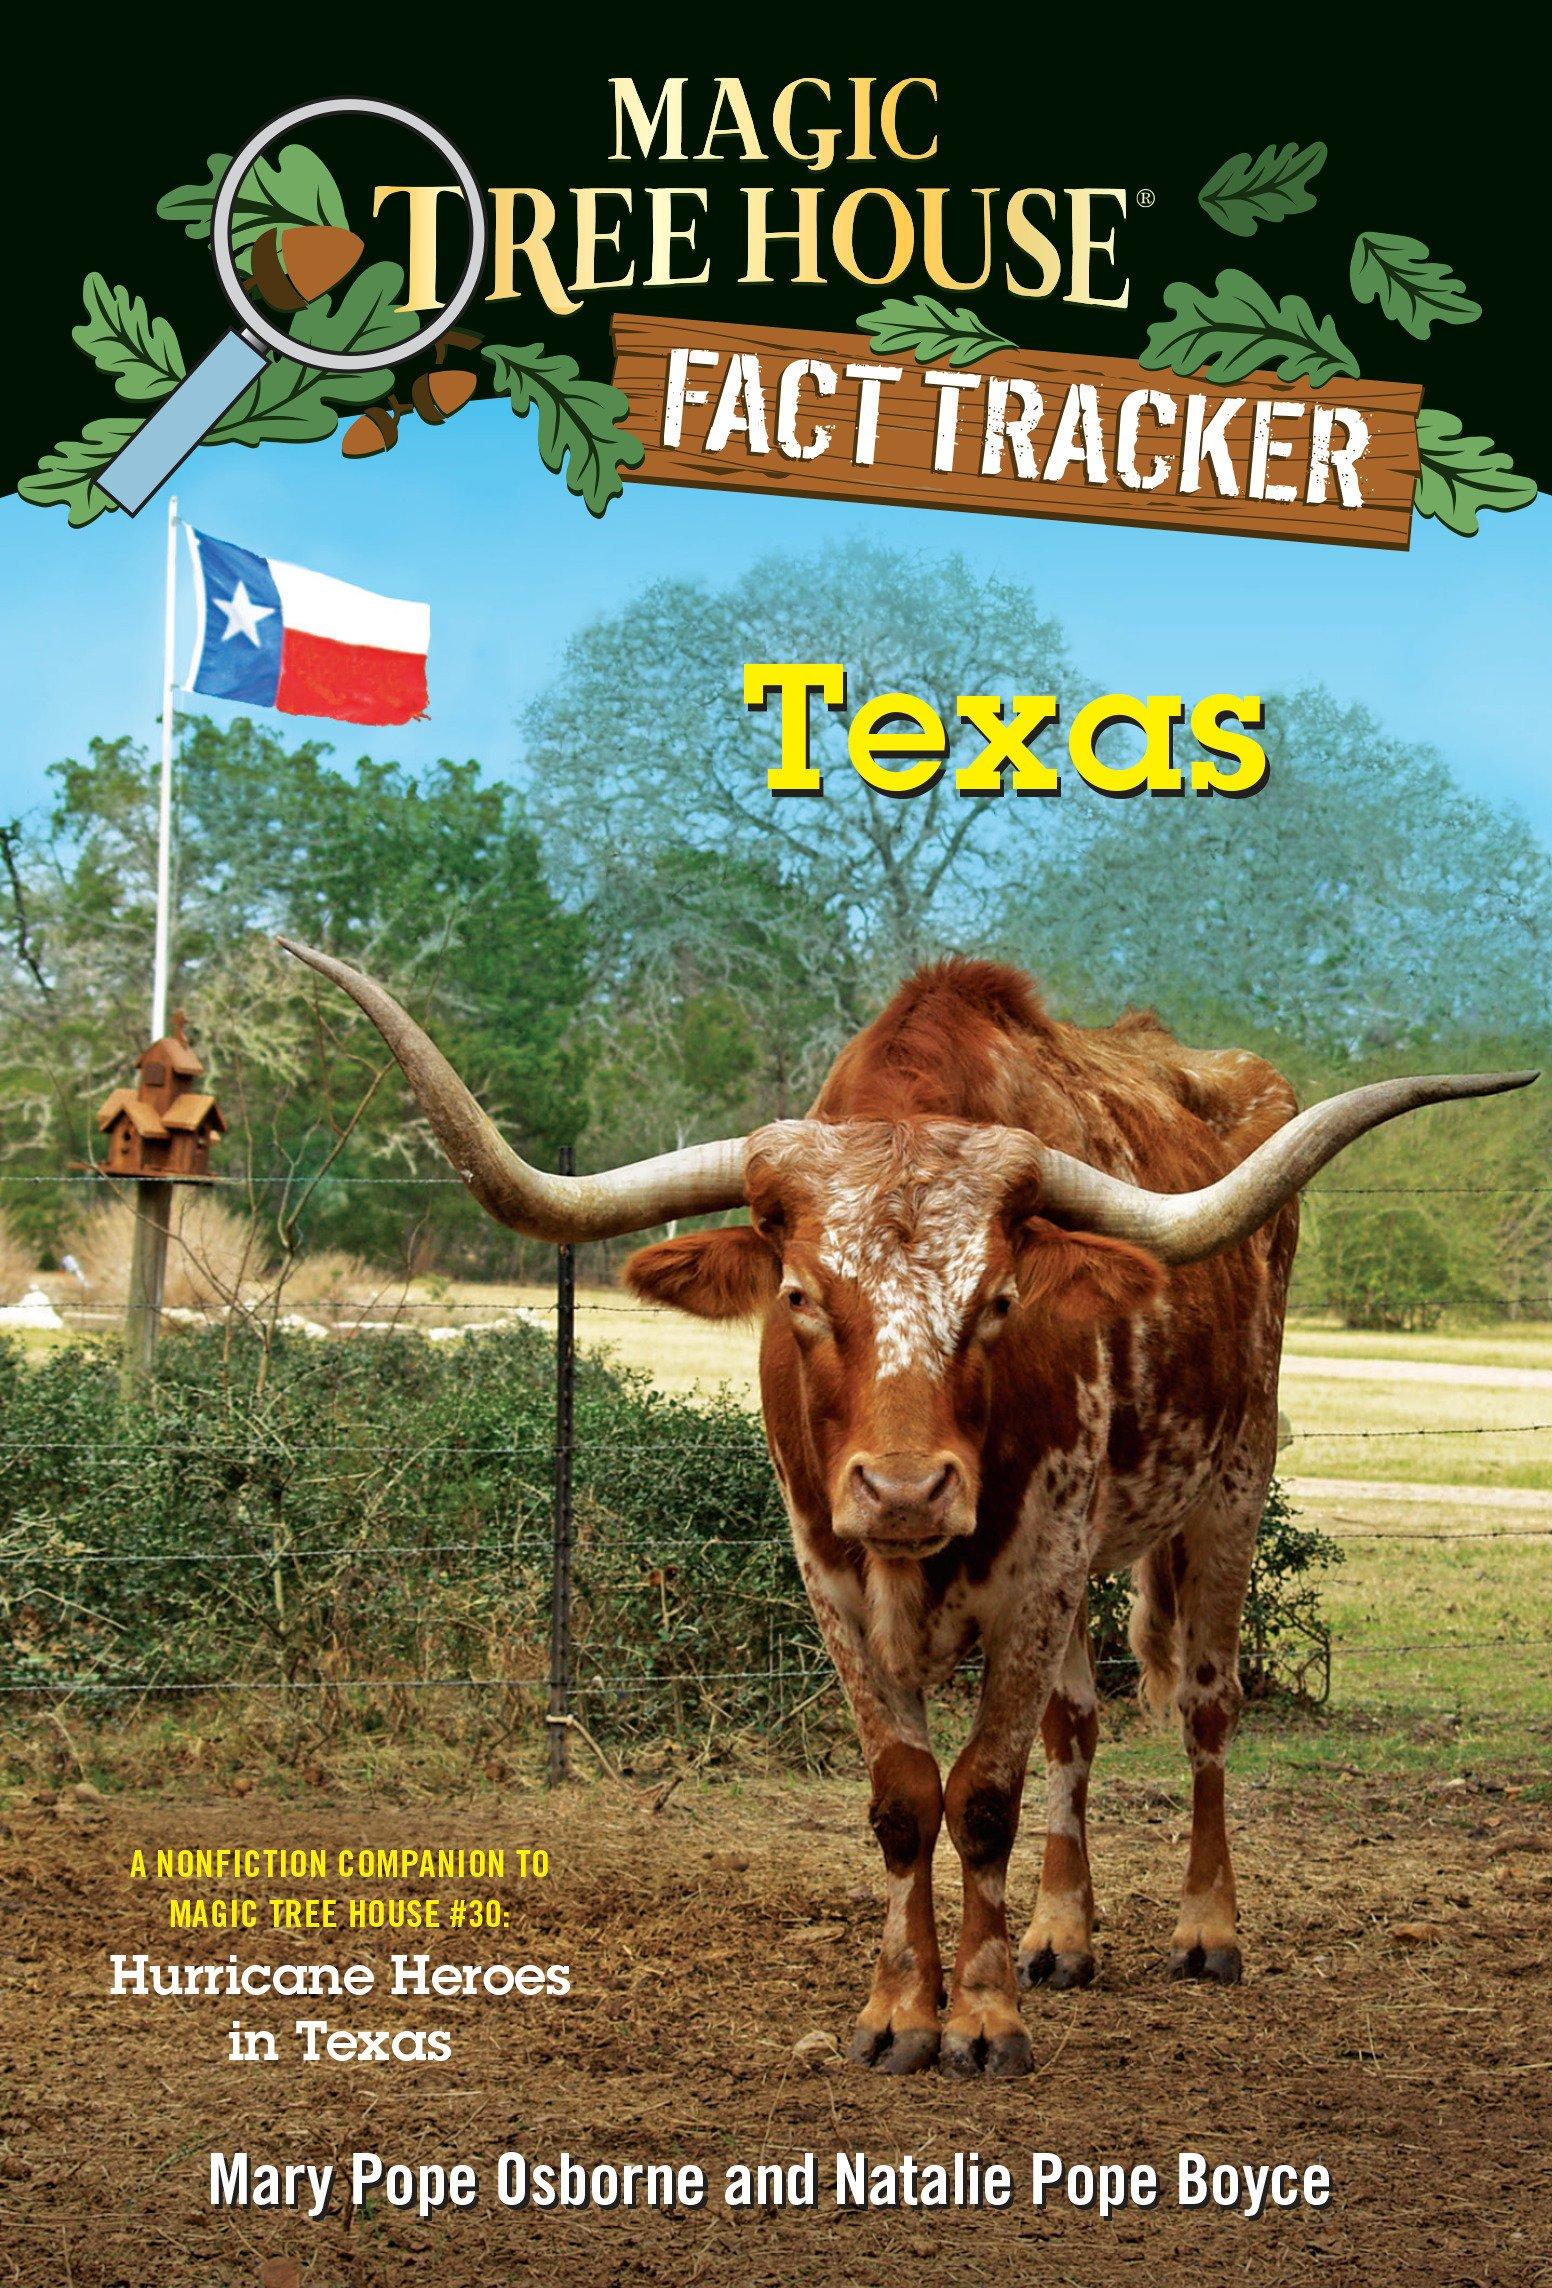 Magic Tree House Fact Tracker - Texas